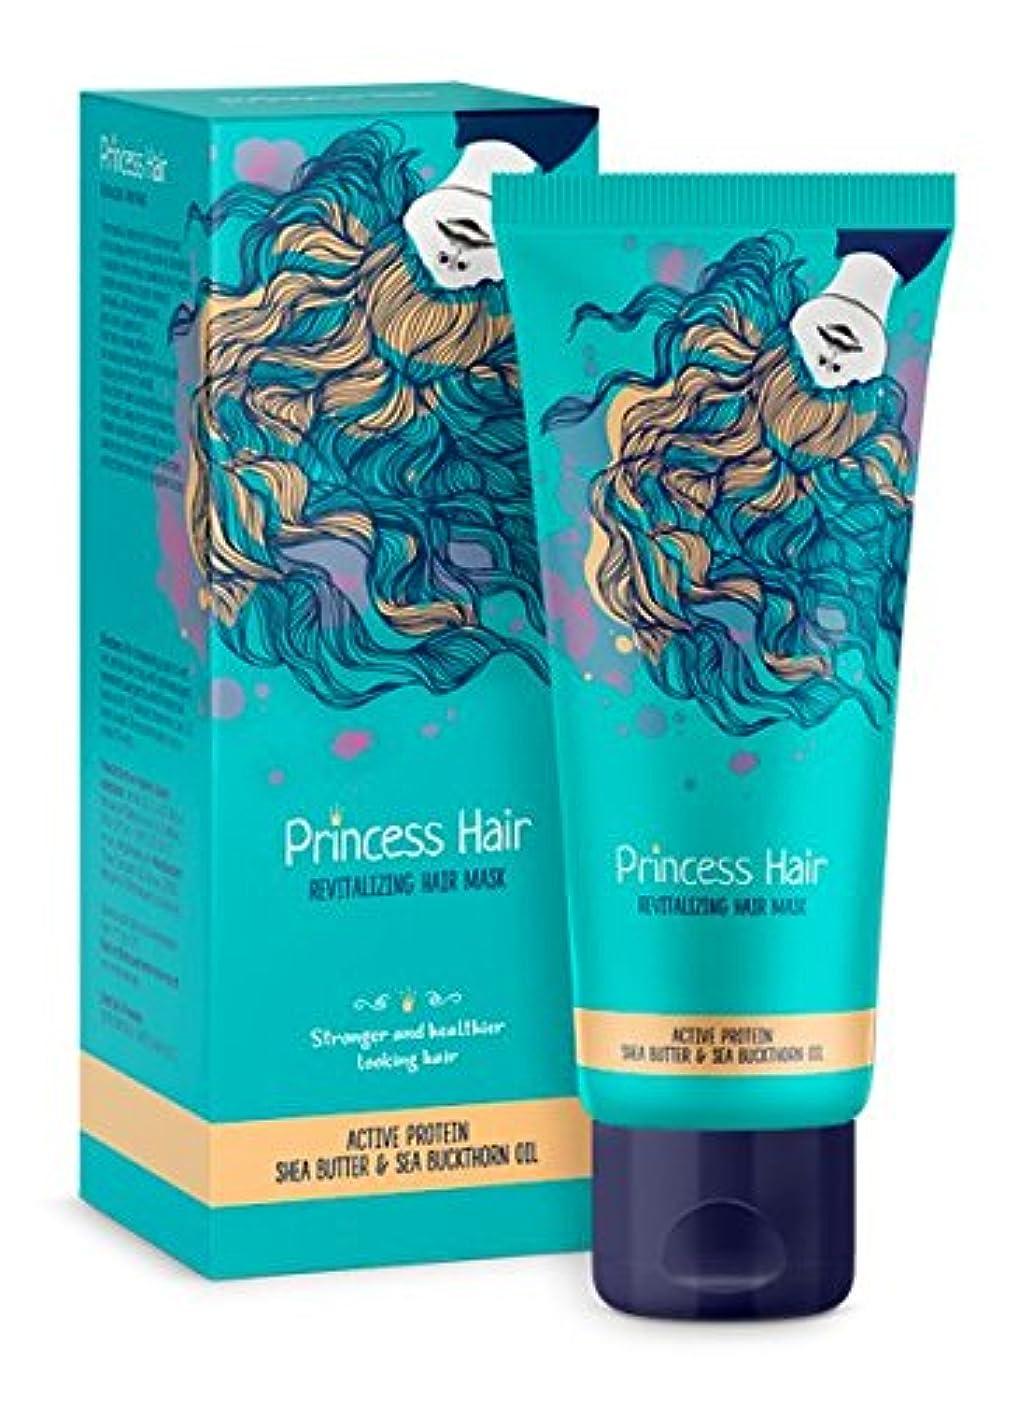 妻オリエンタルクリック育毛マスク Princess Hair, Mask for hair growth 75ml Hendel's Garden